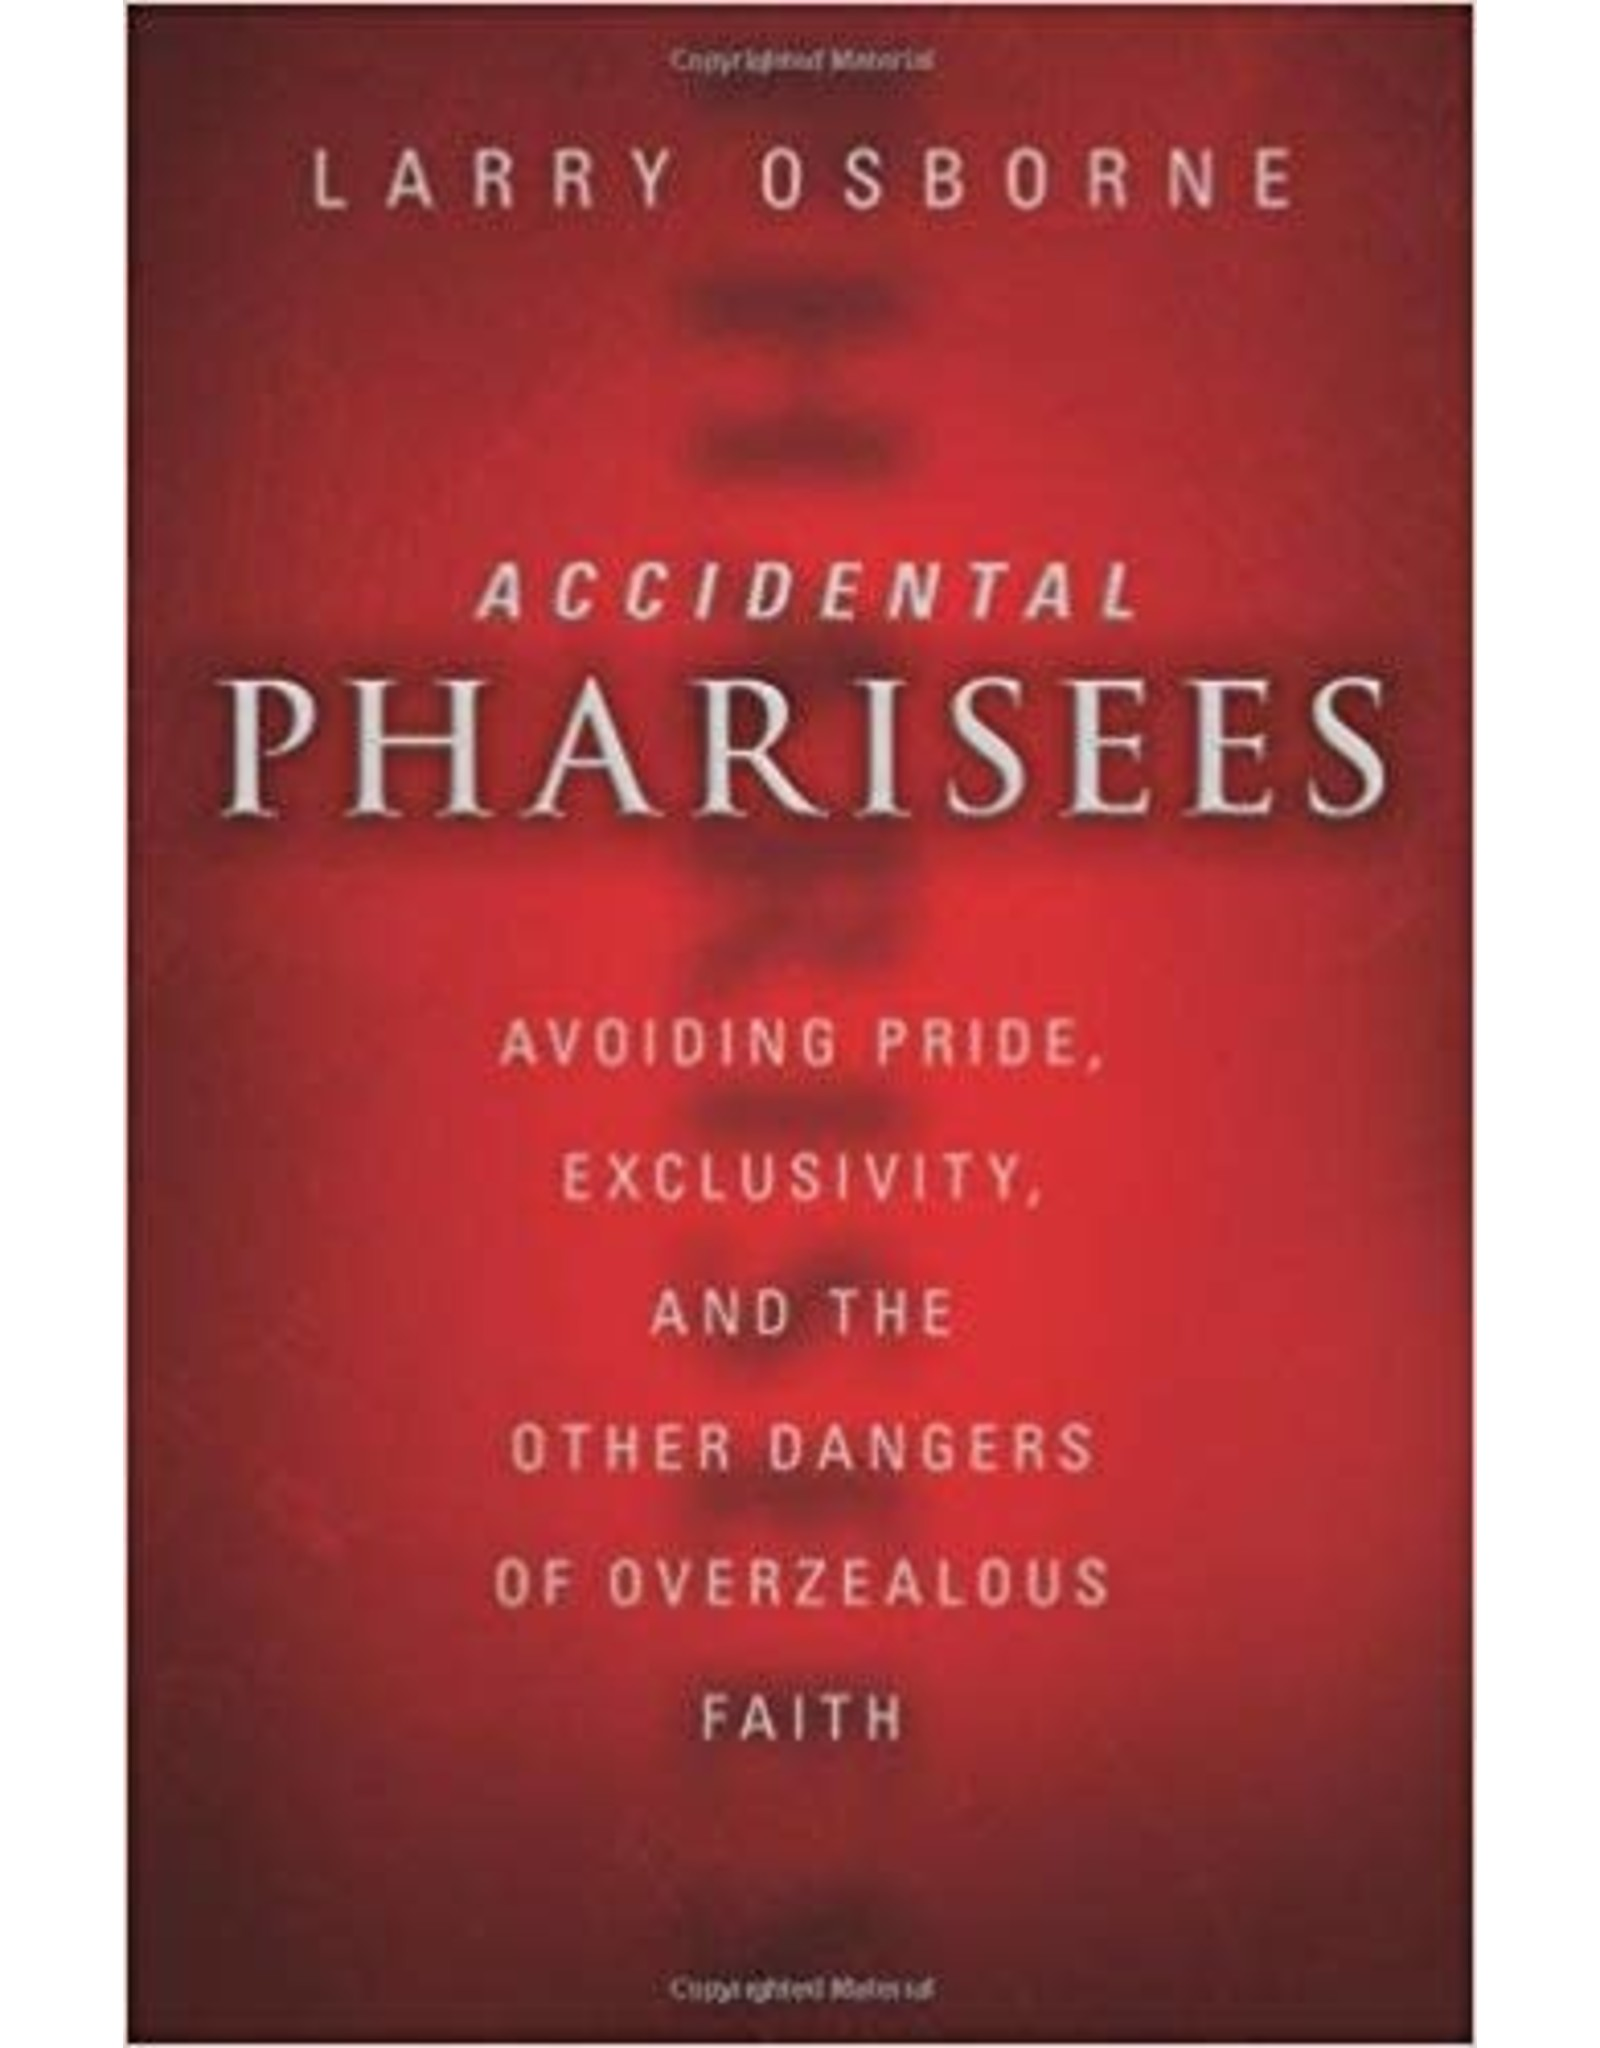 Osborne Accidental Pharisees